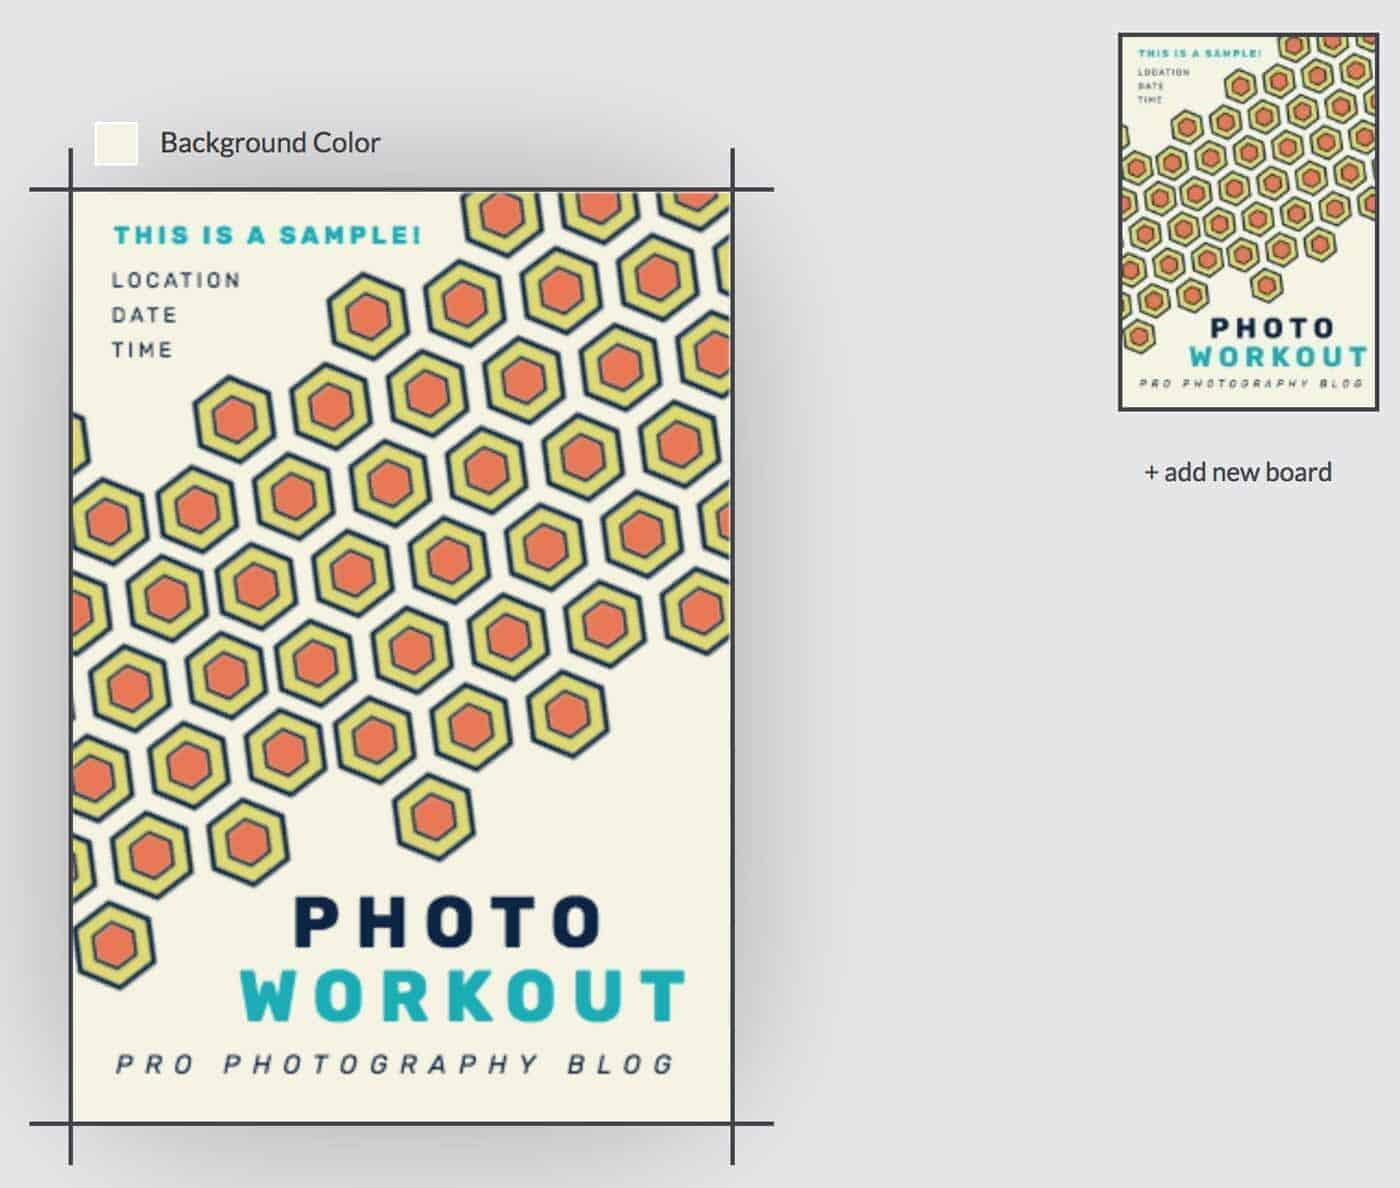 DesignWizard Graphic Design Sample